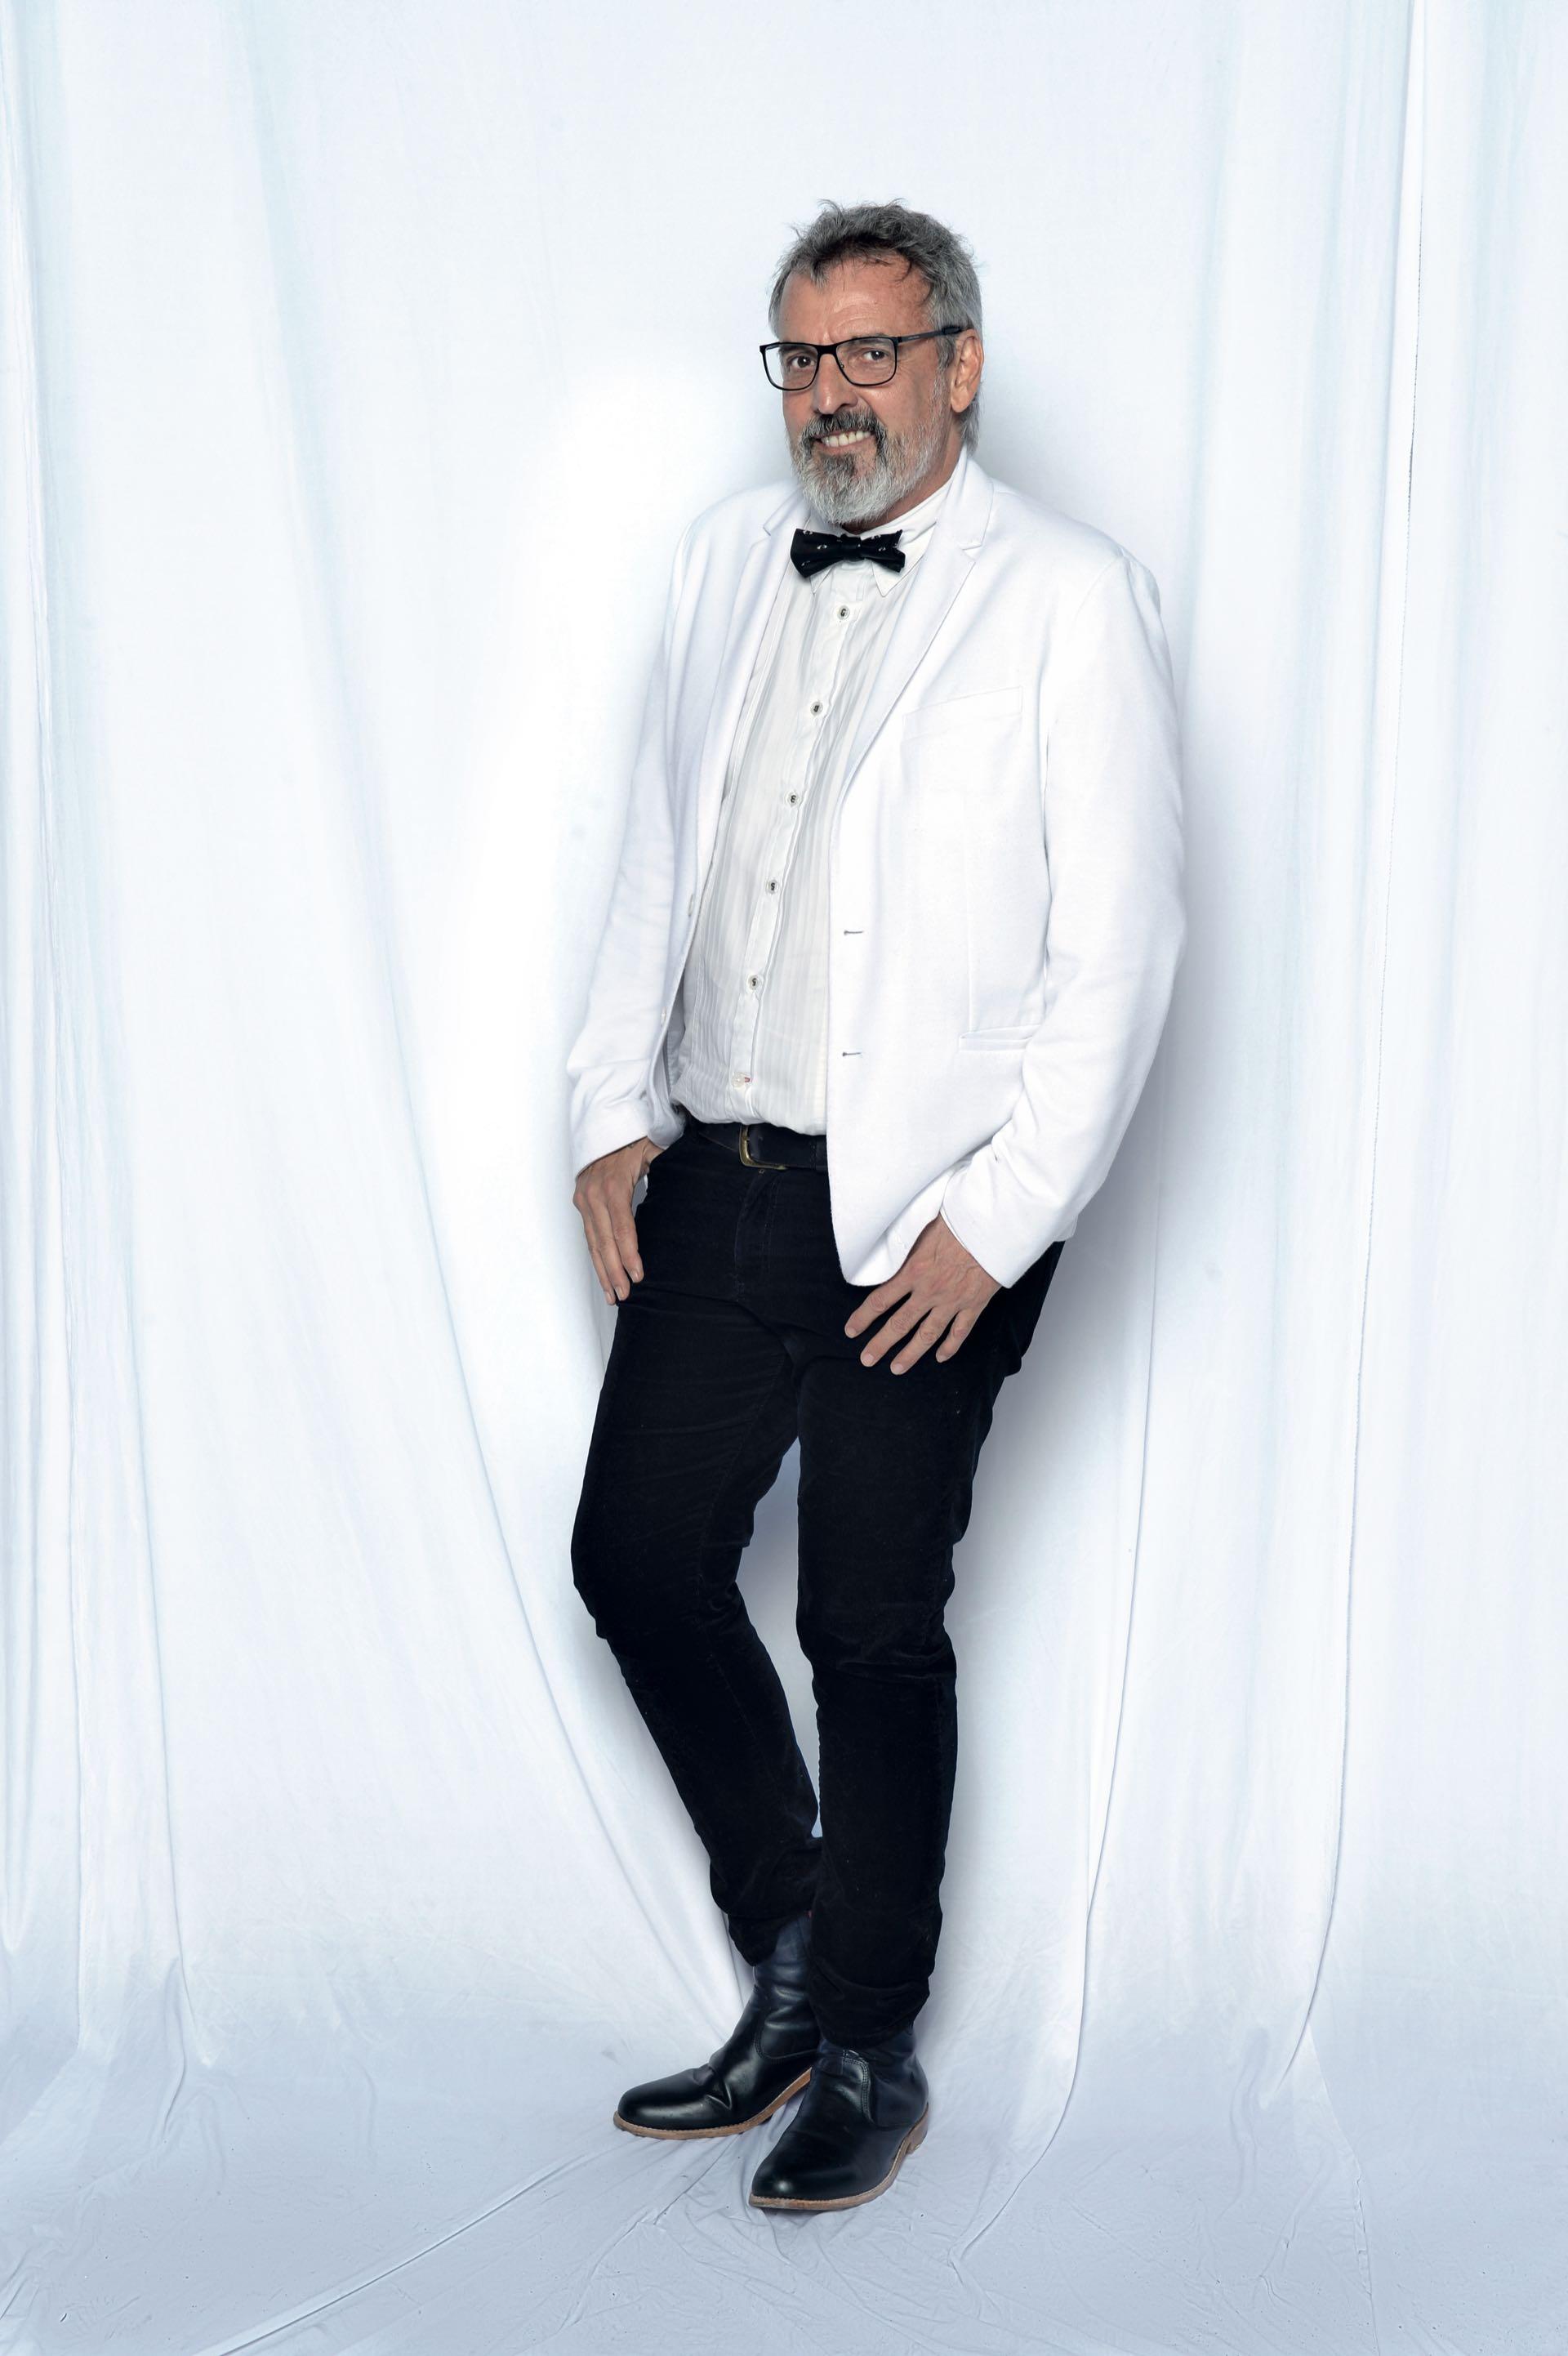 Benito Fernández con traje Kenzo y zapatos Hugo Boss. Foto: Diego García/GENTE